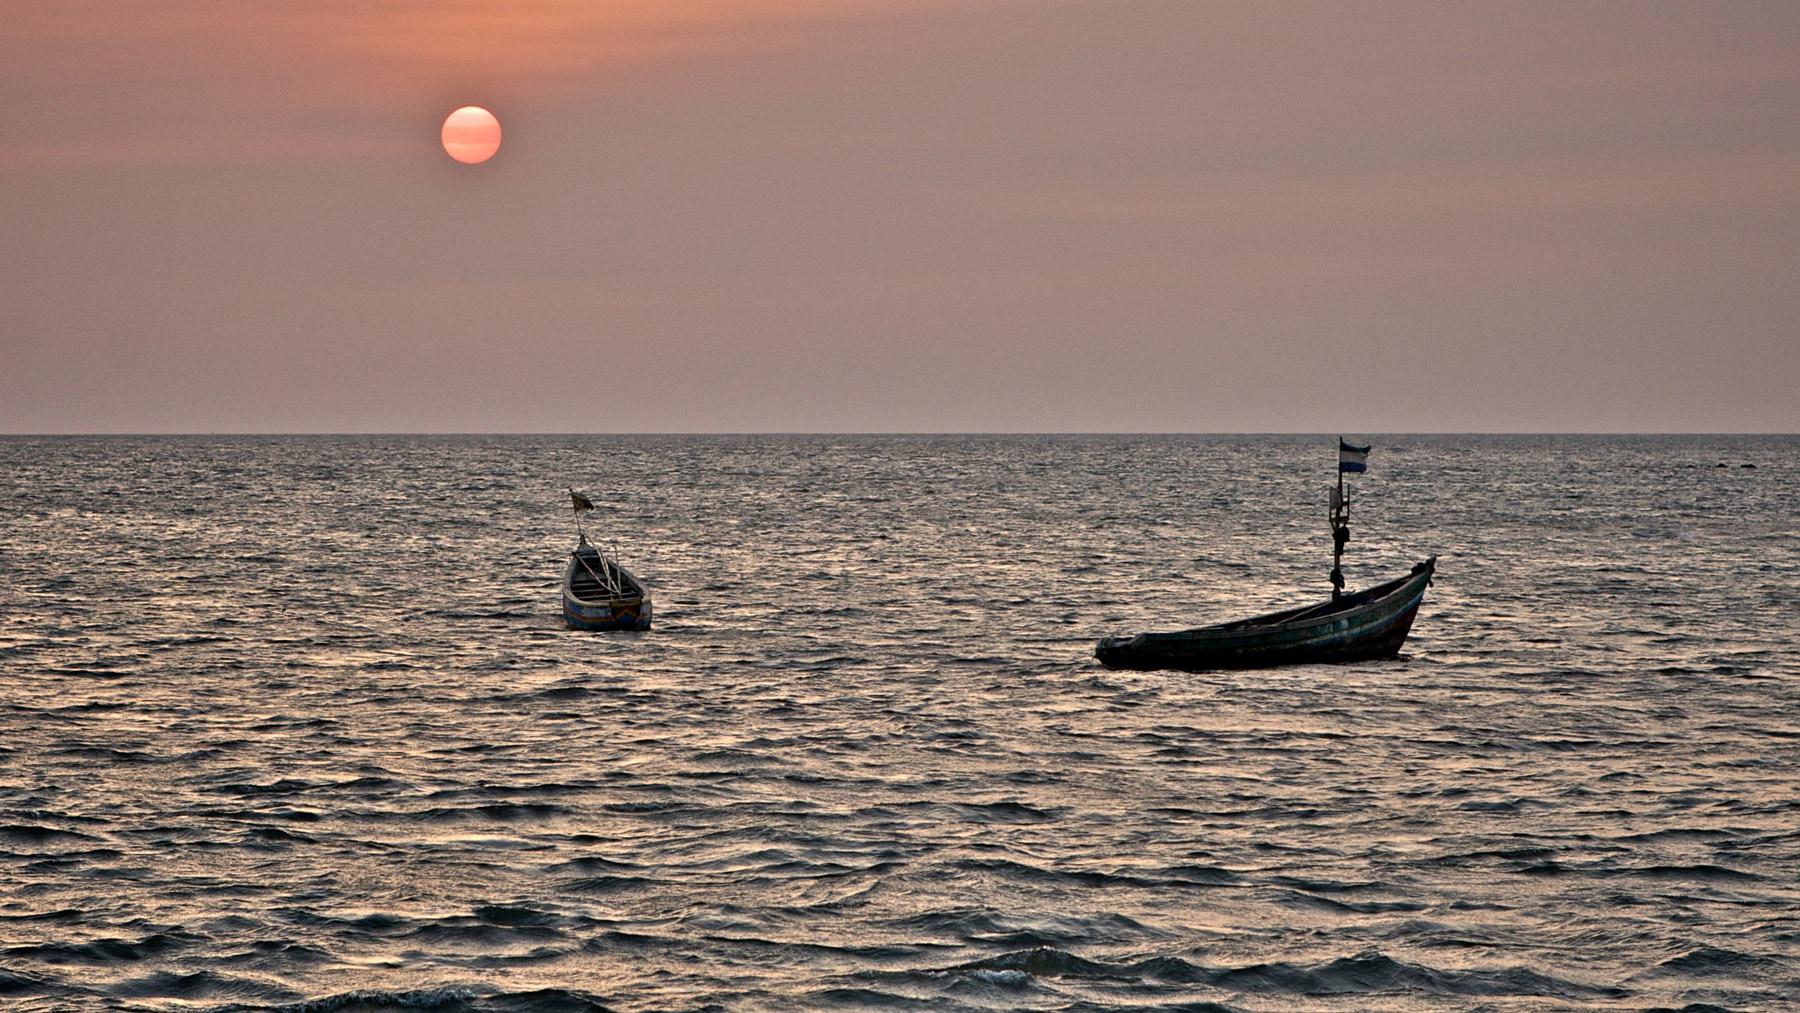 1sunset_freetown_harbor_boats_sierra_leone.jpg